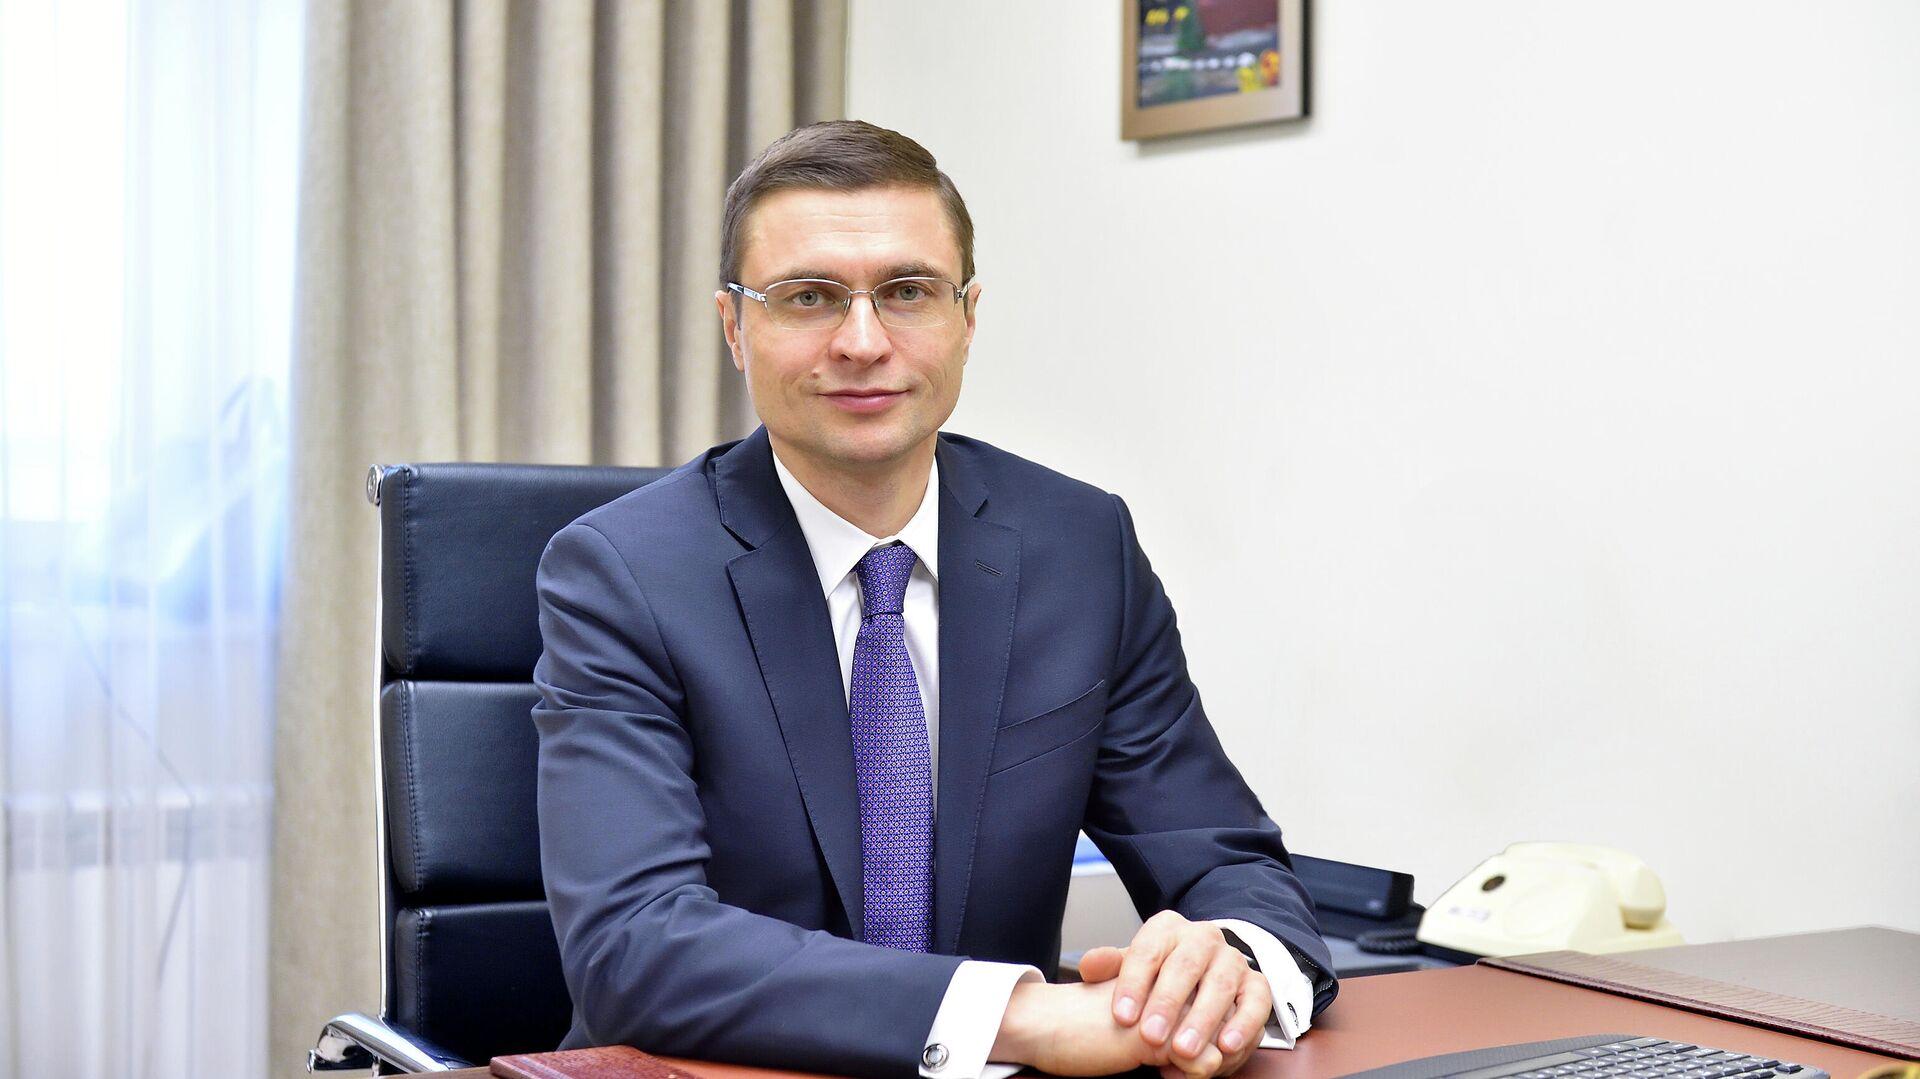 Глава департамента строительства Москвы Рафик Загрутдинов - РИА Новости, 1920, 02.03.2021